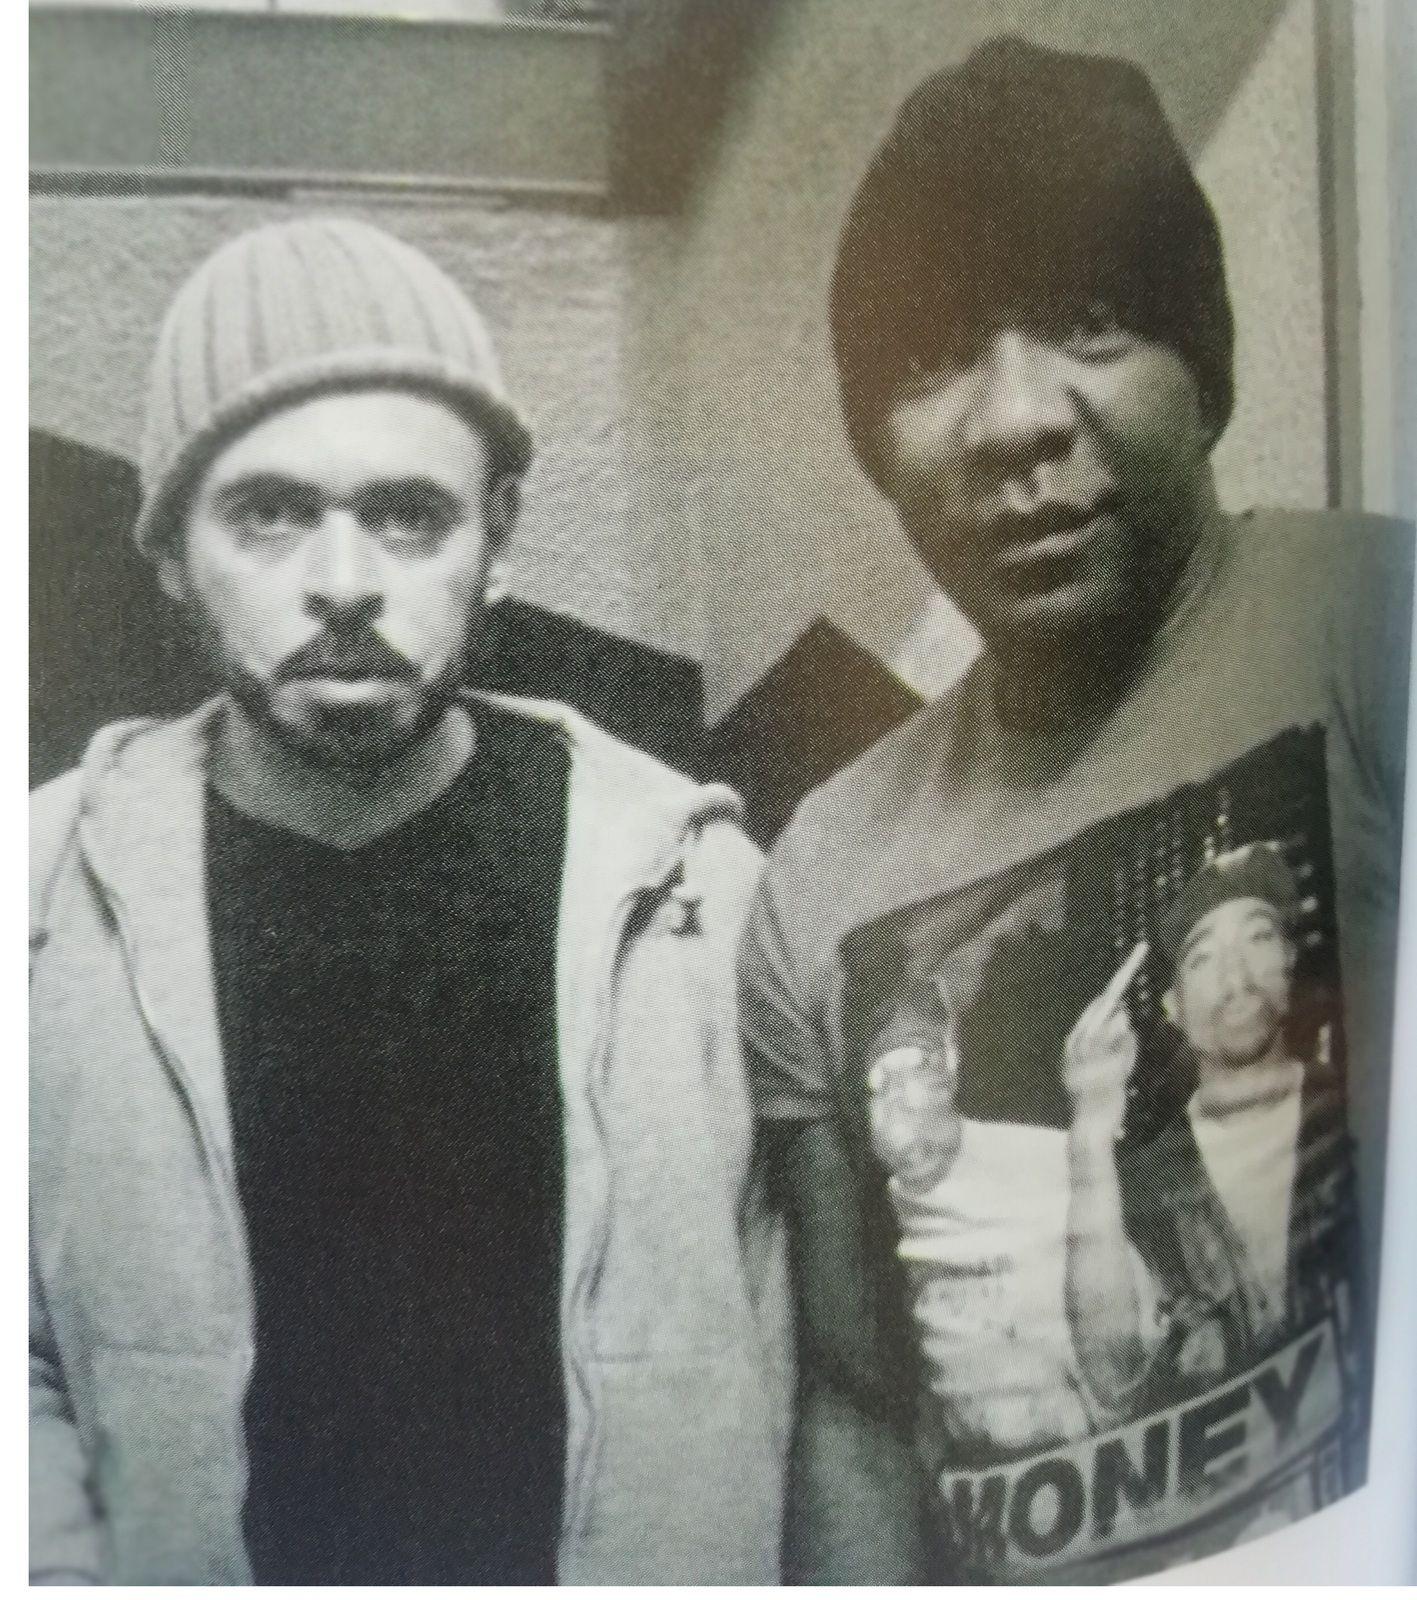 Rocé et Manu Key (2013) - Les liens sacrés - le rap c'était mieux avant